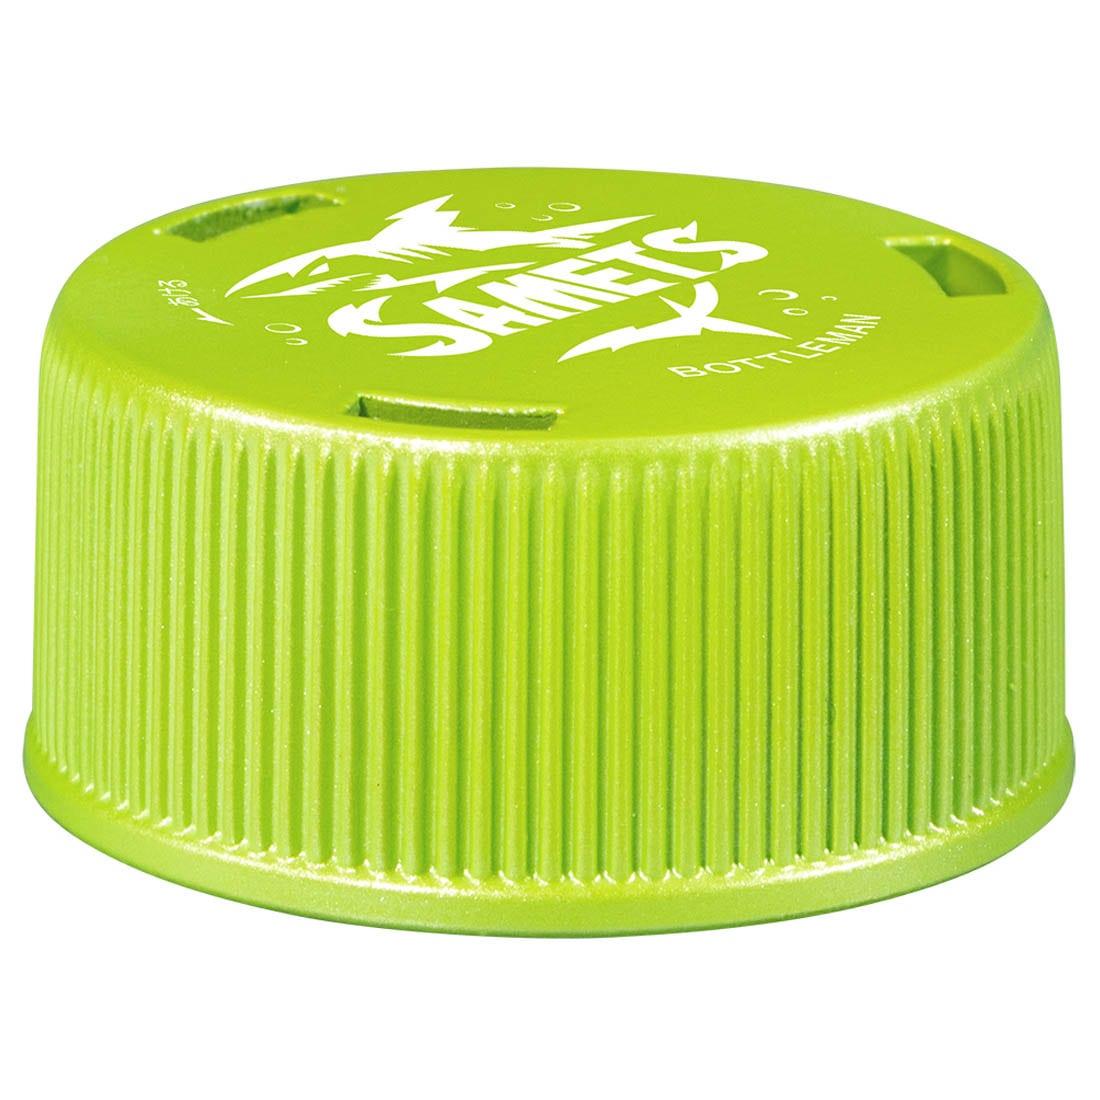 キャップ革命 ボトルマン『BOT-24 サーメッツ』おもちゃ-002